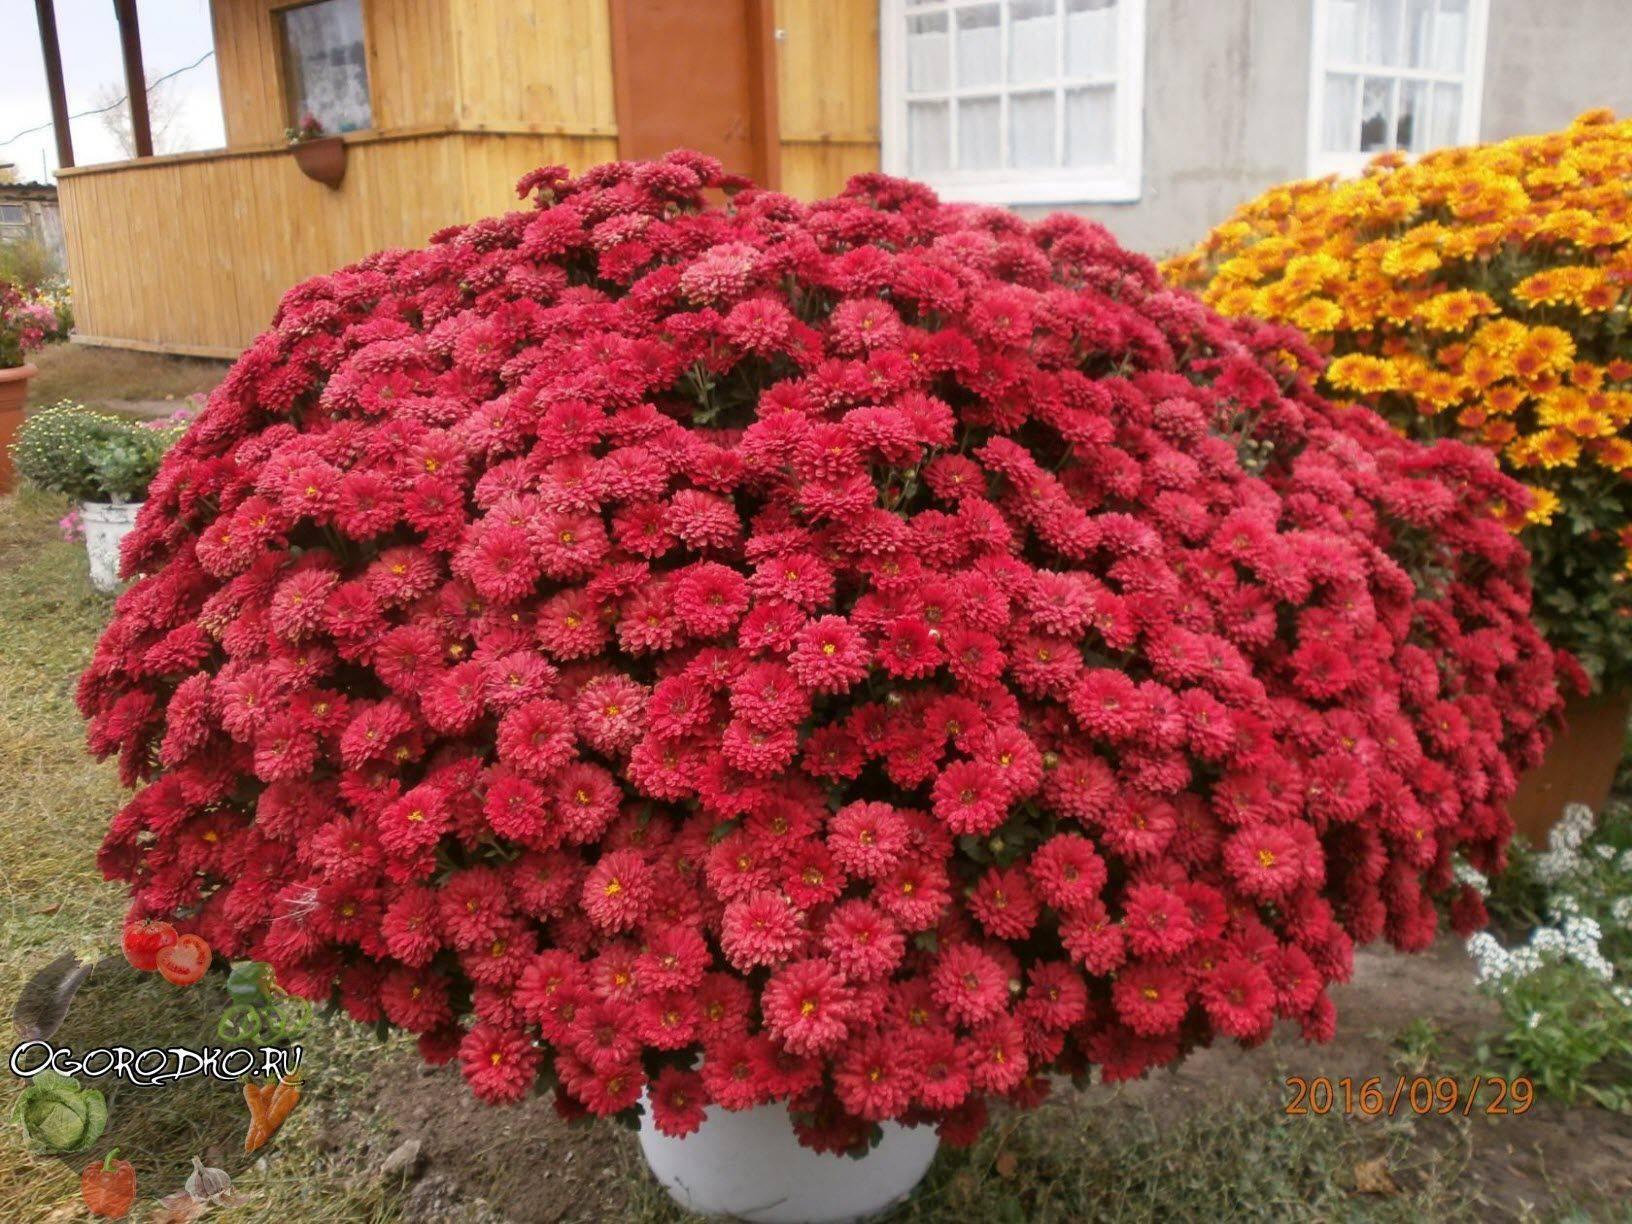 Хризантема садовая многолетняя: посадка и уход, фото, советы